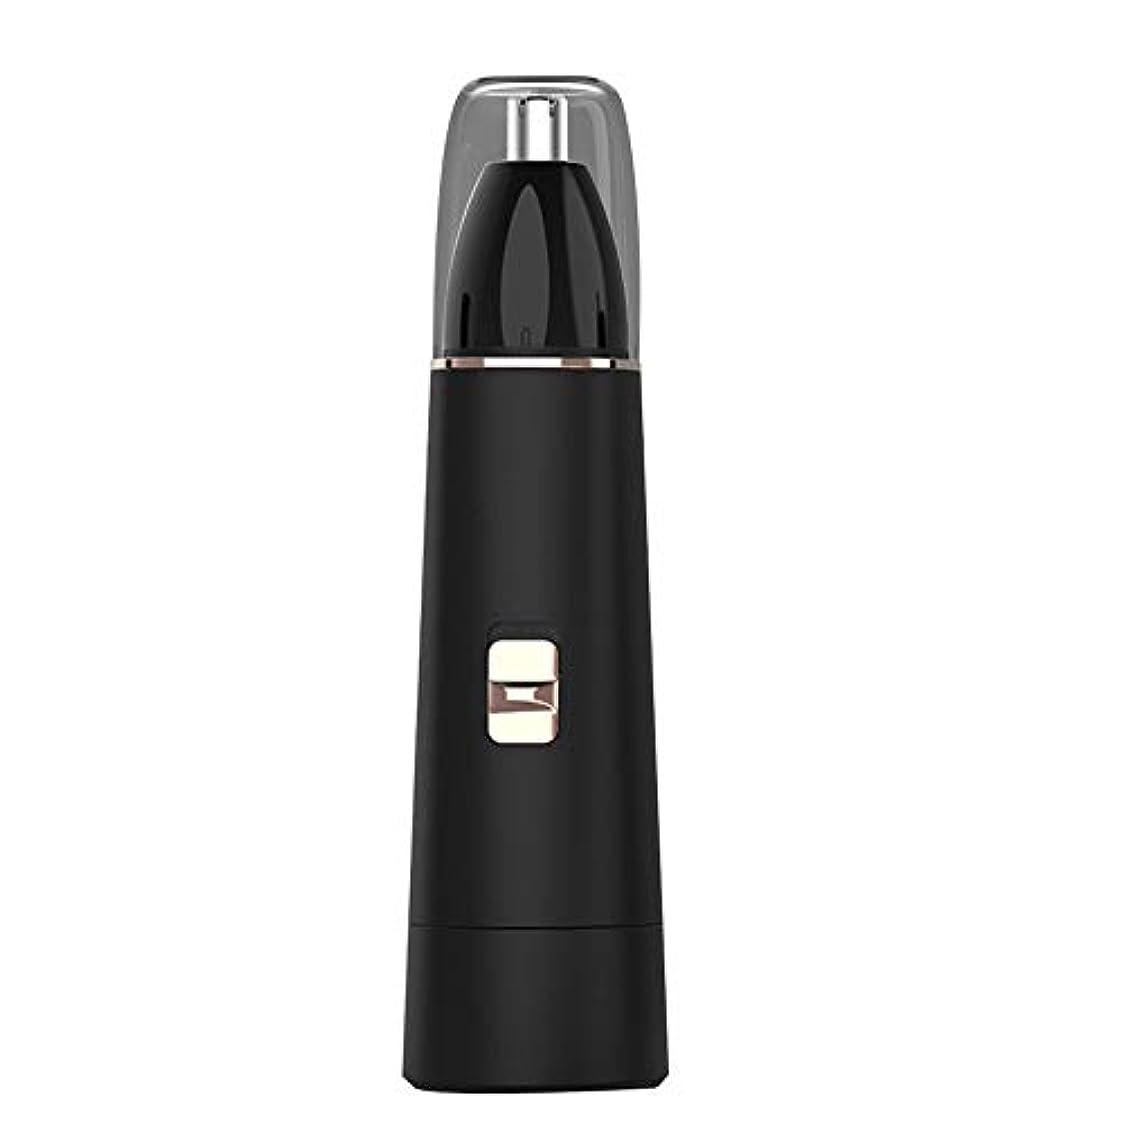 バッフルジョージバーナード不安定鼻毛トリマー-USB充電式電動鼻毛トリマー/ABS素材/多機能 操作が簡単